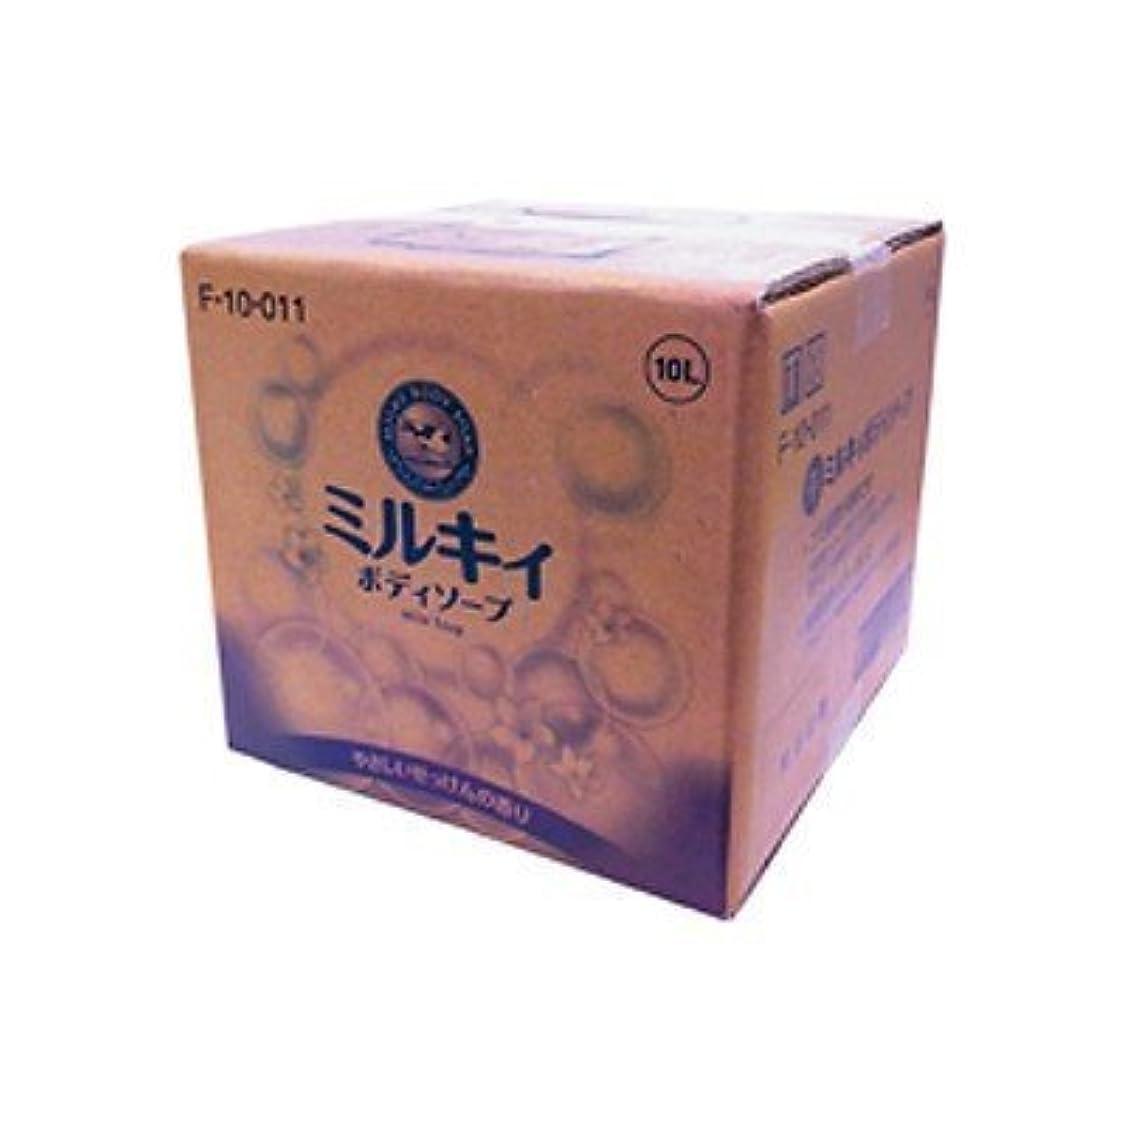 冷蔵庫種をまく重要牛乳石鹸 ミルキィボディソープ 業務用 279605 00022378 【まとめ買い3個セット】